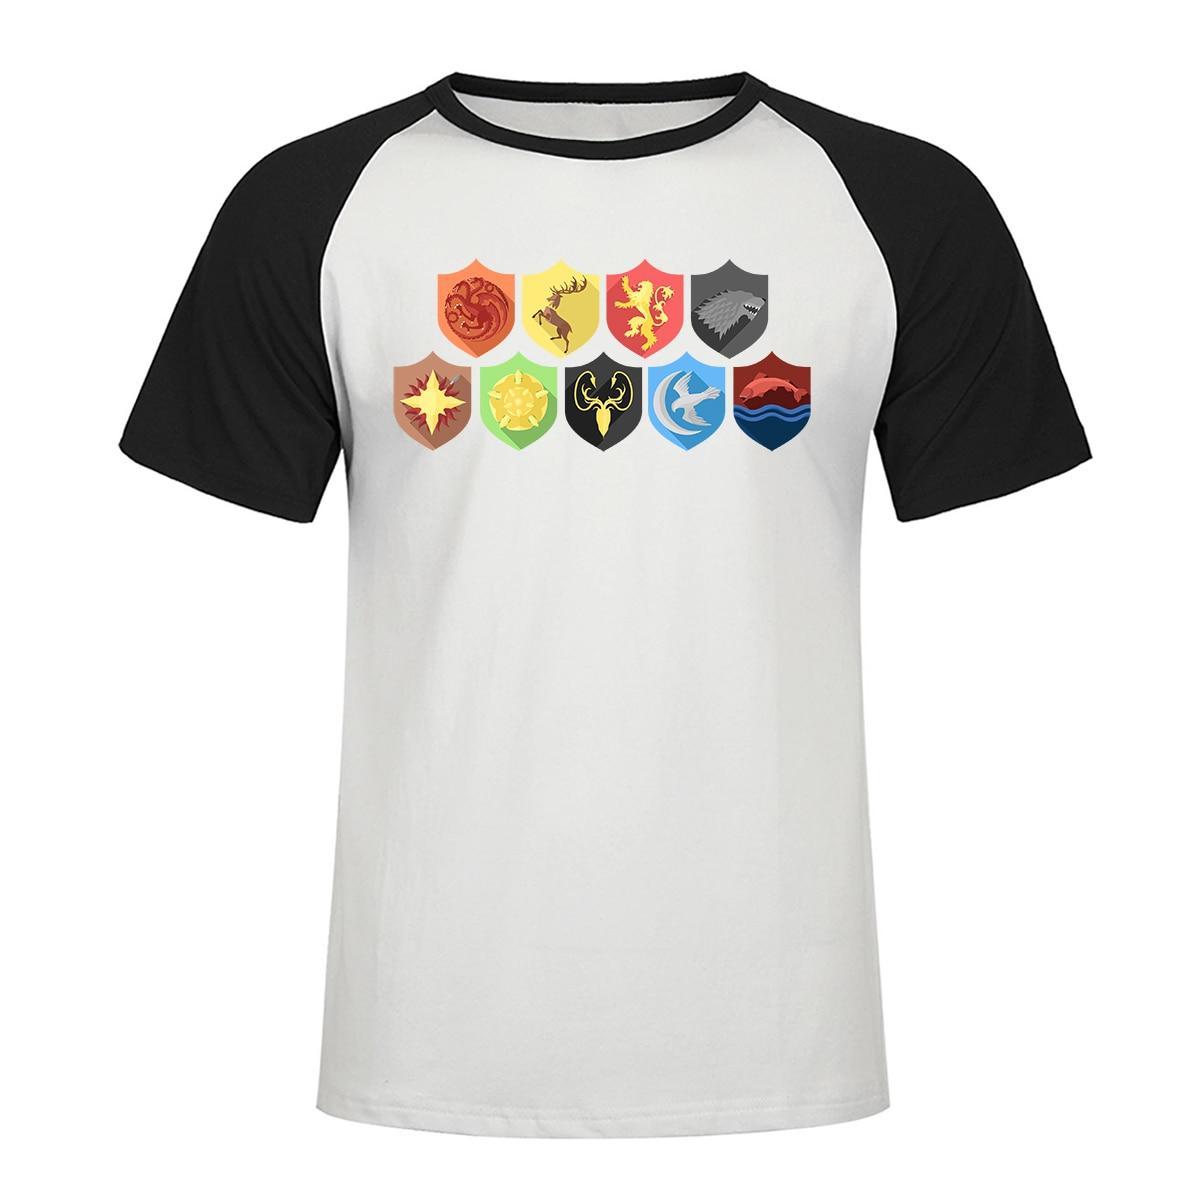 Game Of Throne T Shirt Animal Vintage Men Raglan T shirt Family Badge Pattern Printed Tshirt Family Badge Tops Tee Mens Clothes in T Shirts from Men 39 s Clothing